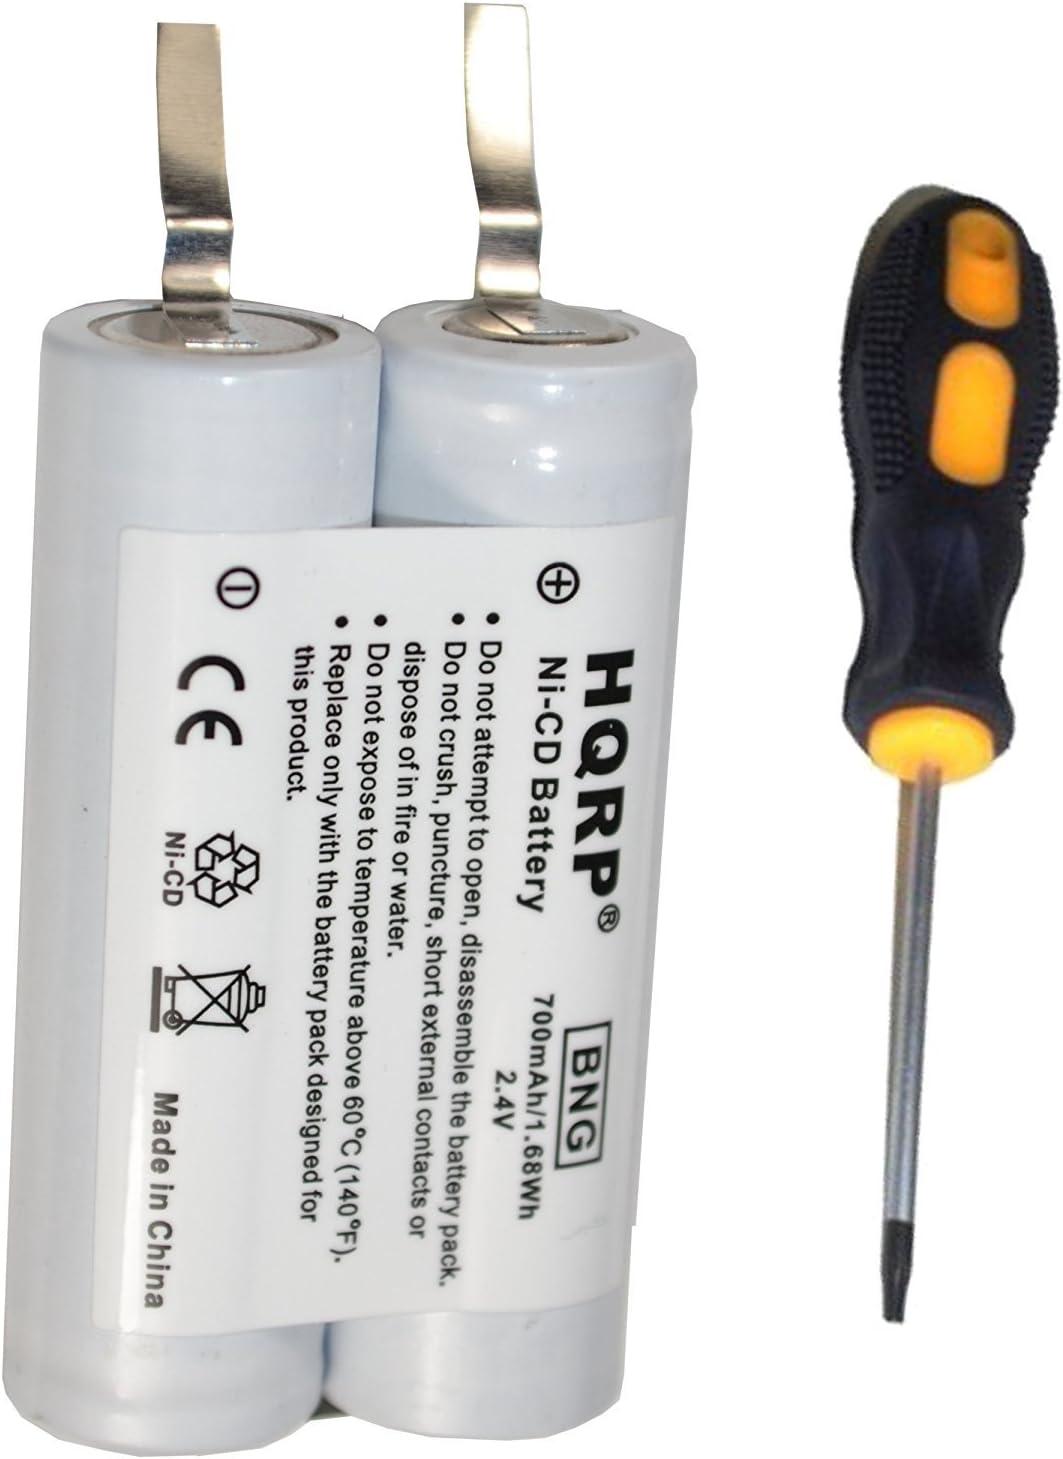 HQRP batería para Philips Norelco 5821 X L, 5822 X L, 5825 X L ...